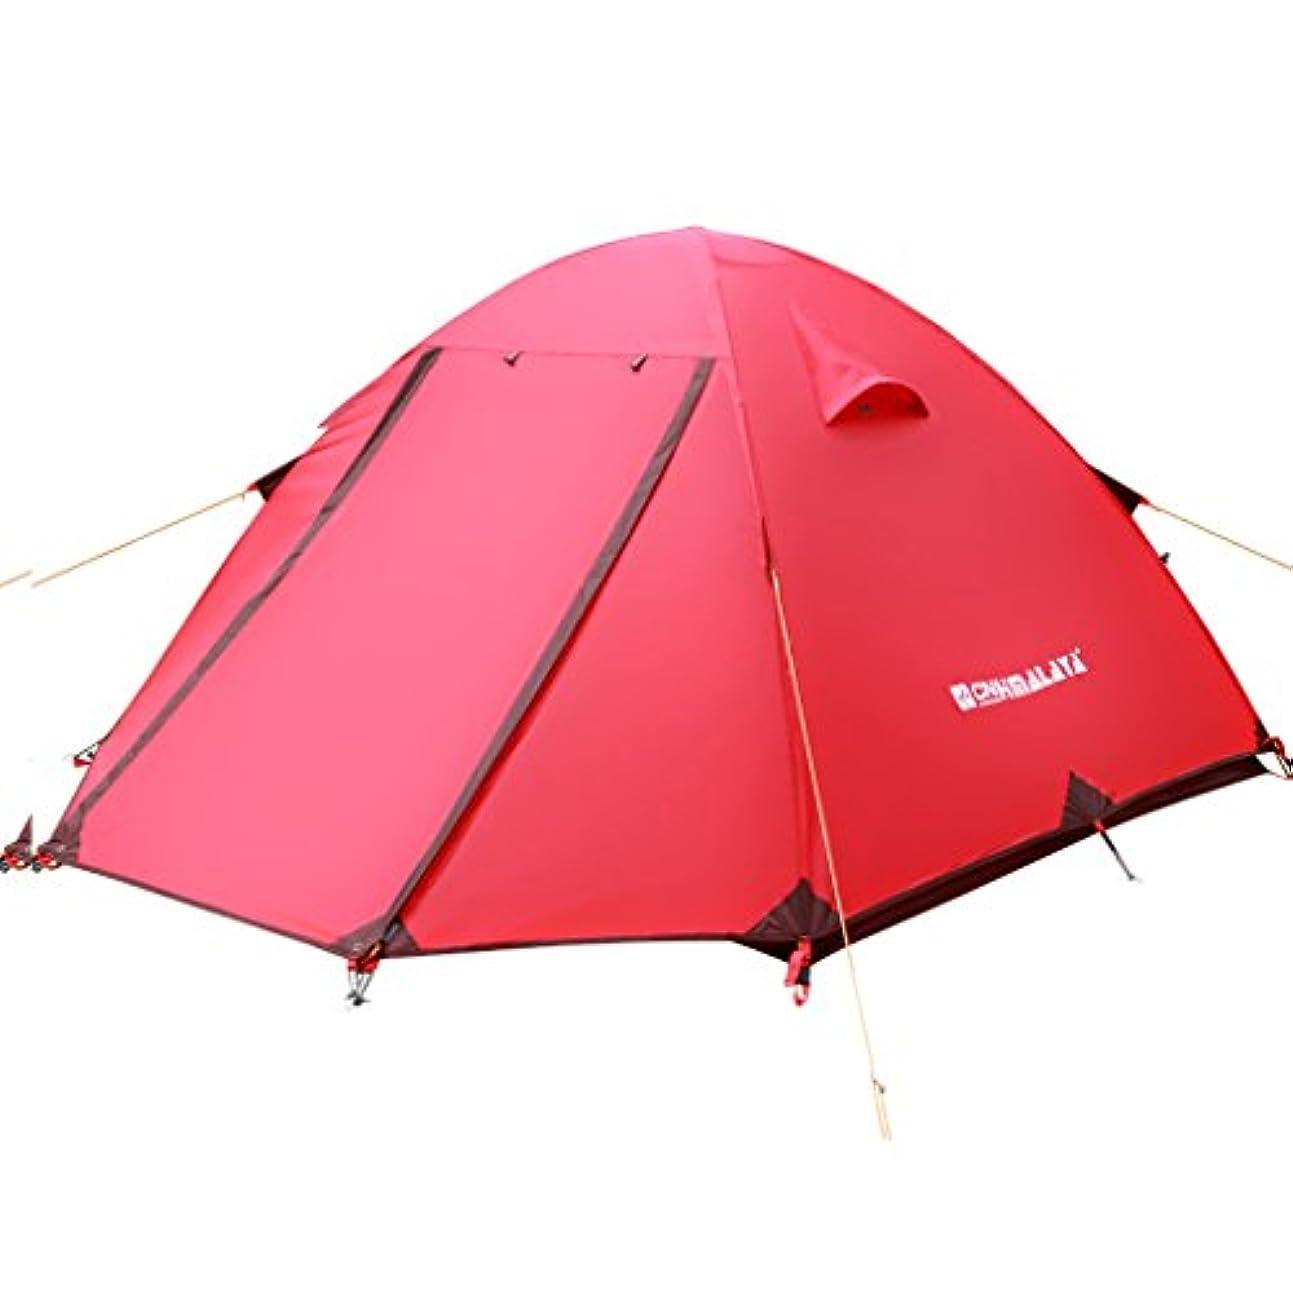 中古乳白色マーチャンダイジングRoscloud テントアウトドア3-4人防水キャンプファミリーダブルレイヤーアルミロッド四季テントキャンプ